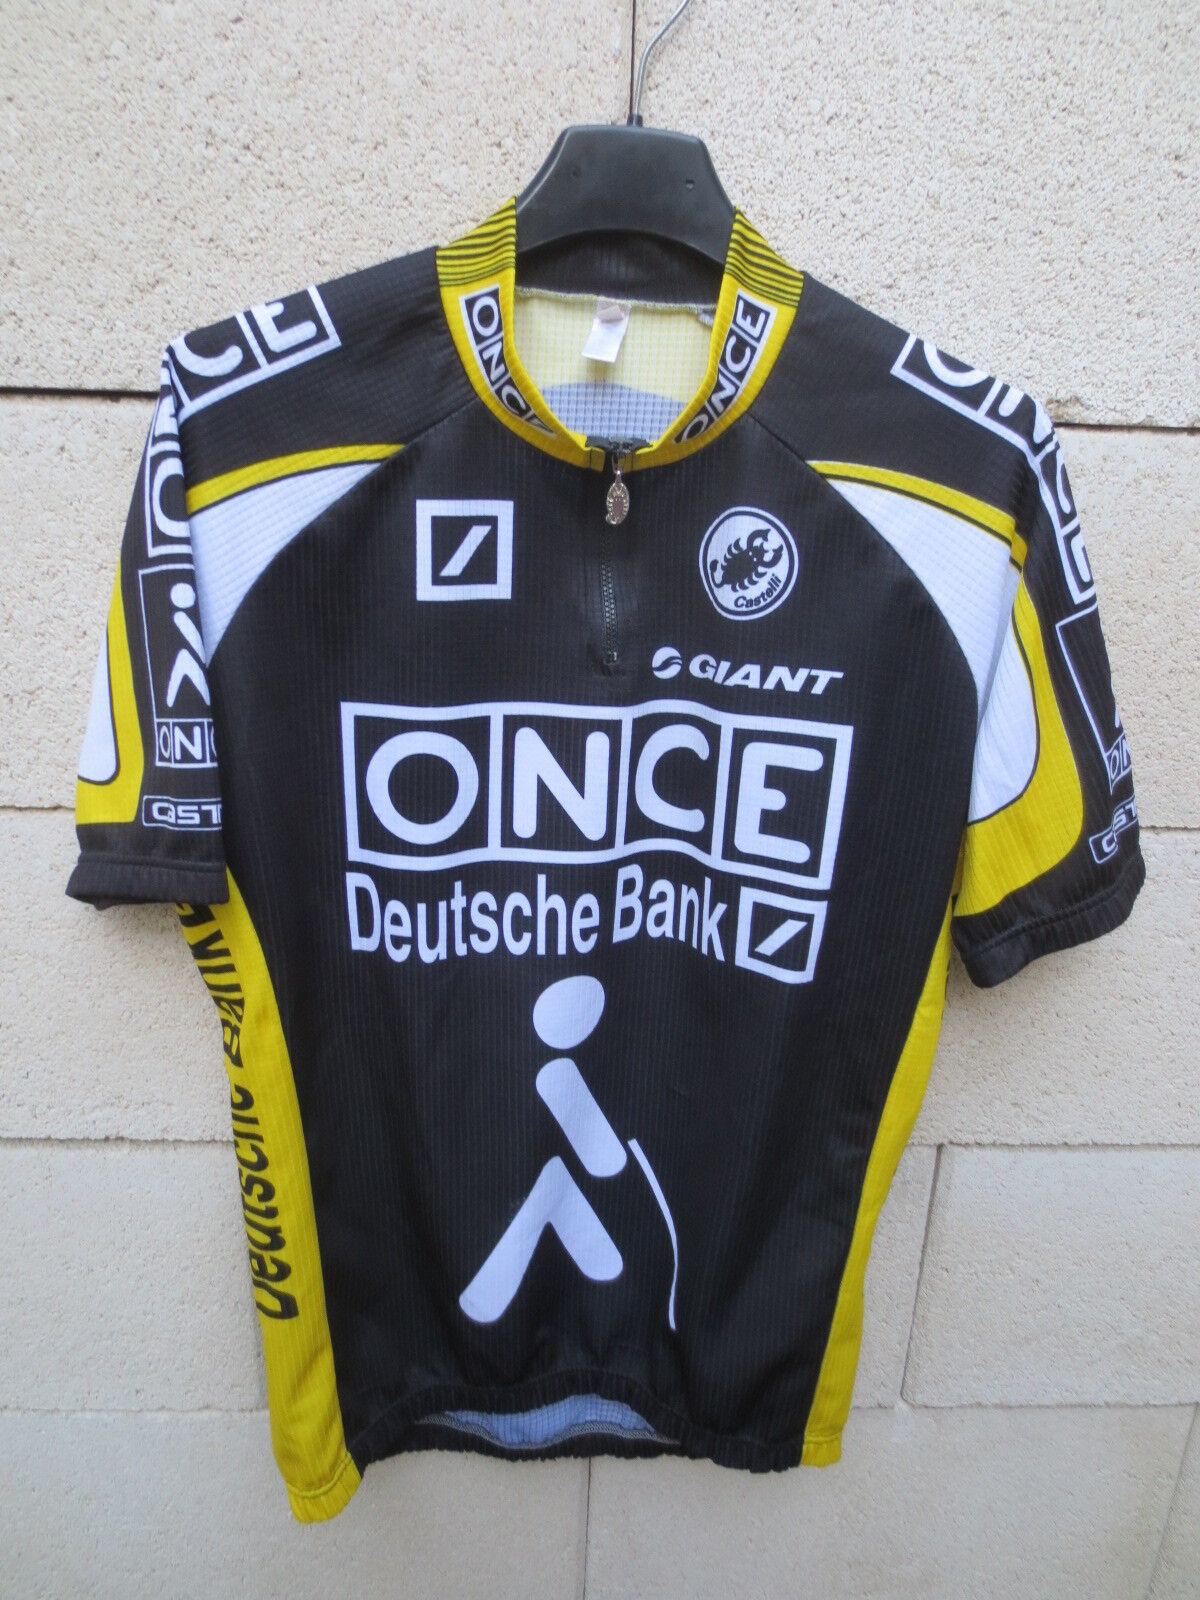 Maillot ONCE cycliste ONCE Maillot DEUTSCHE BANK Tour de France 1998 camiseta shirt trikot L c353e8